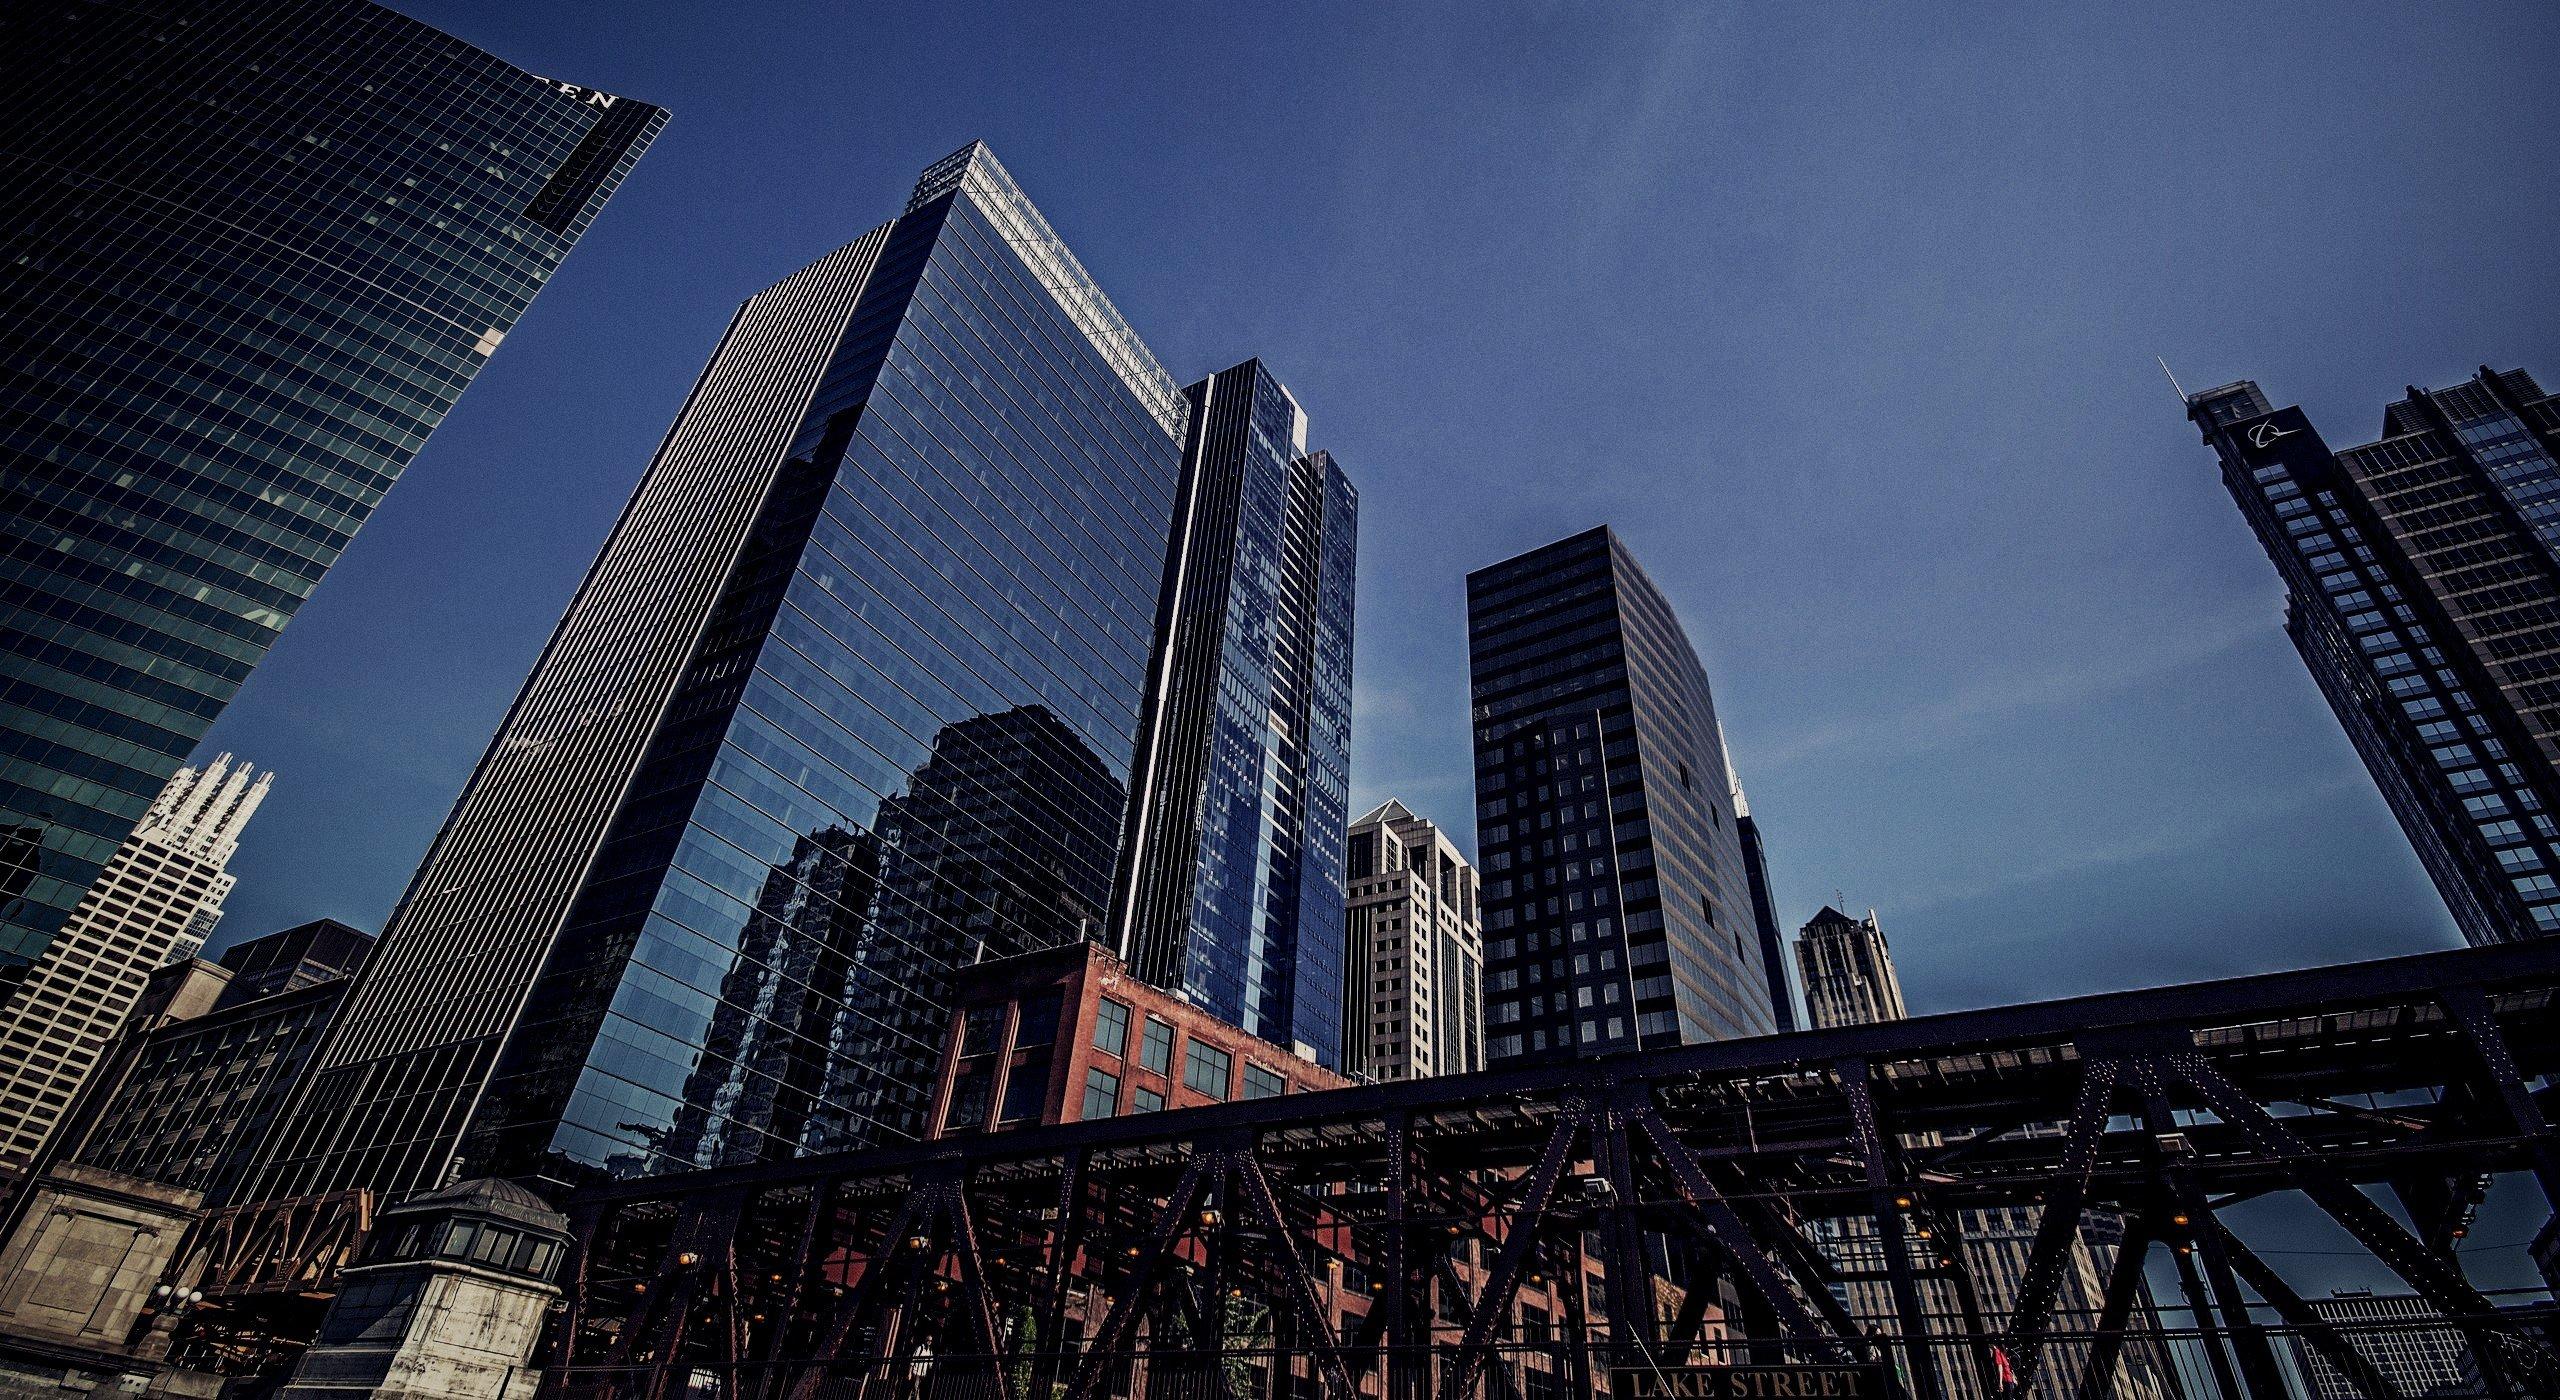 2560x1400 px skyscraper urban